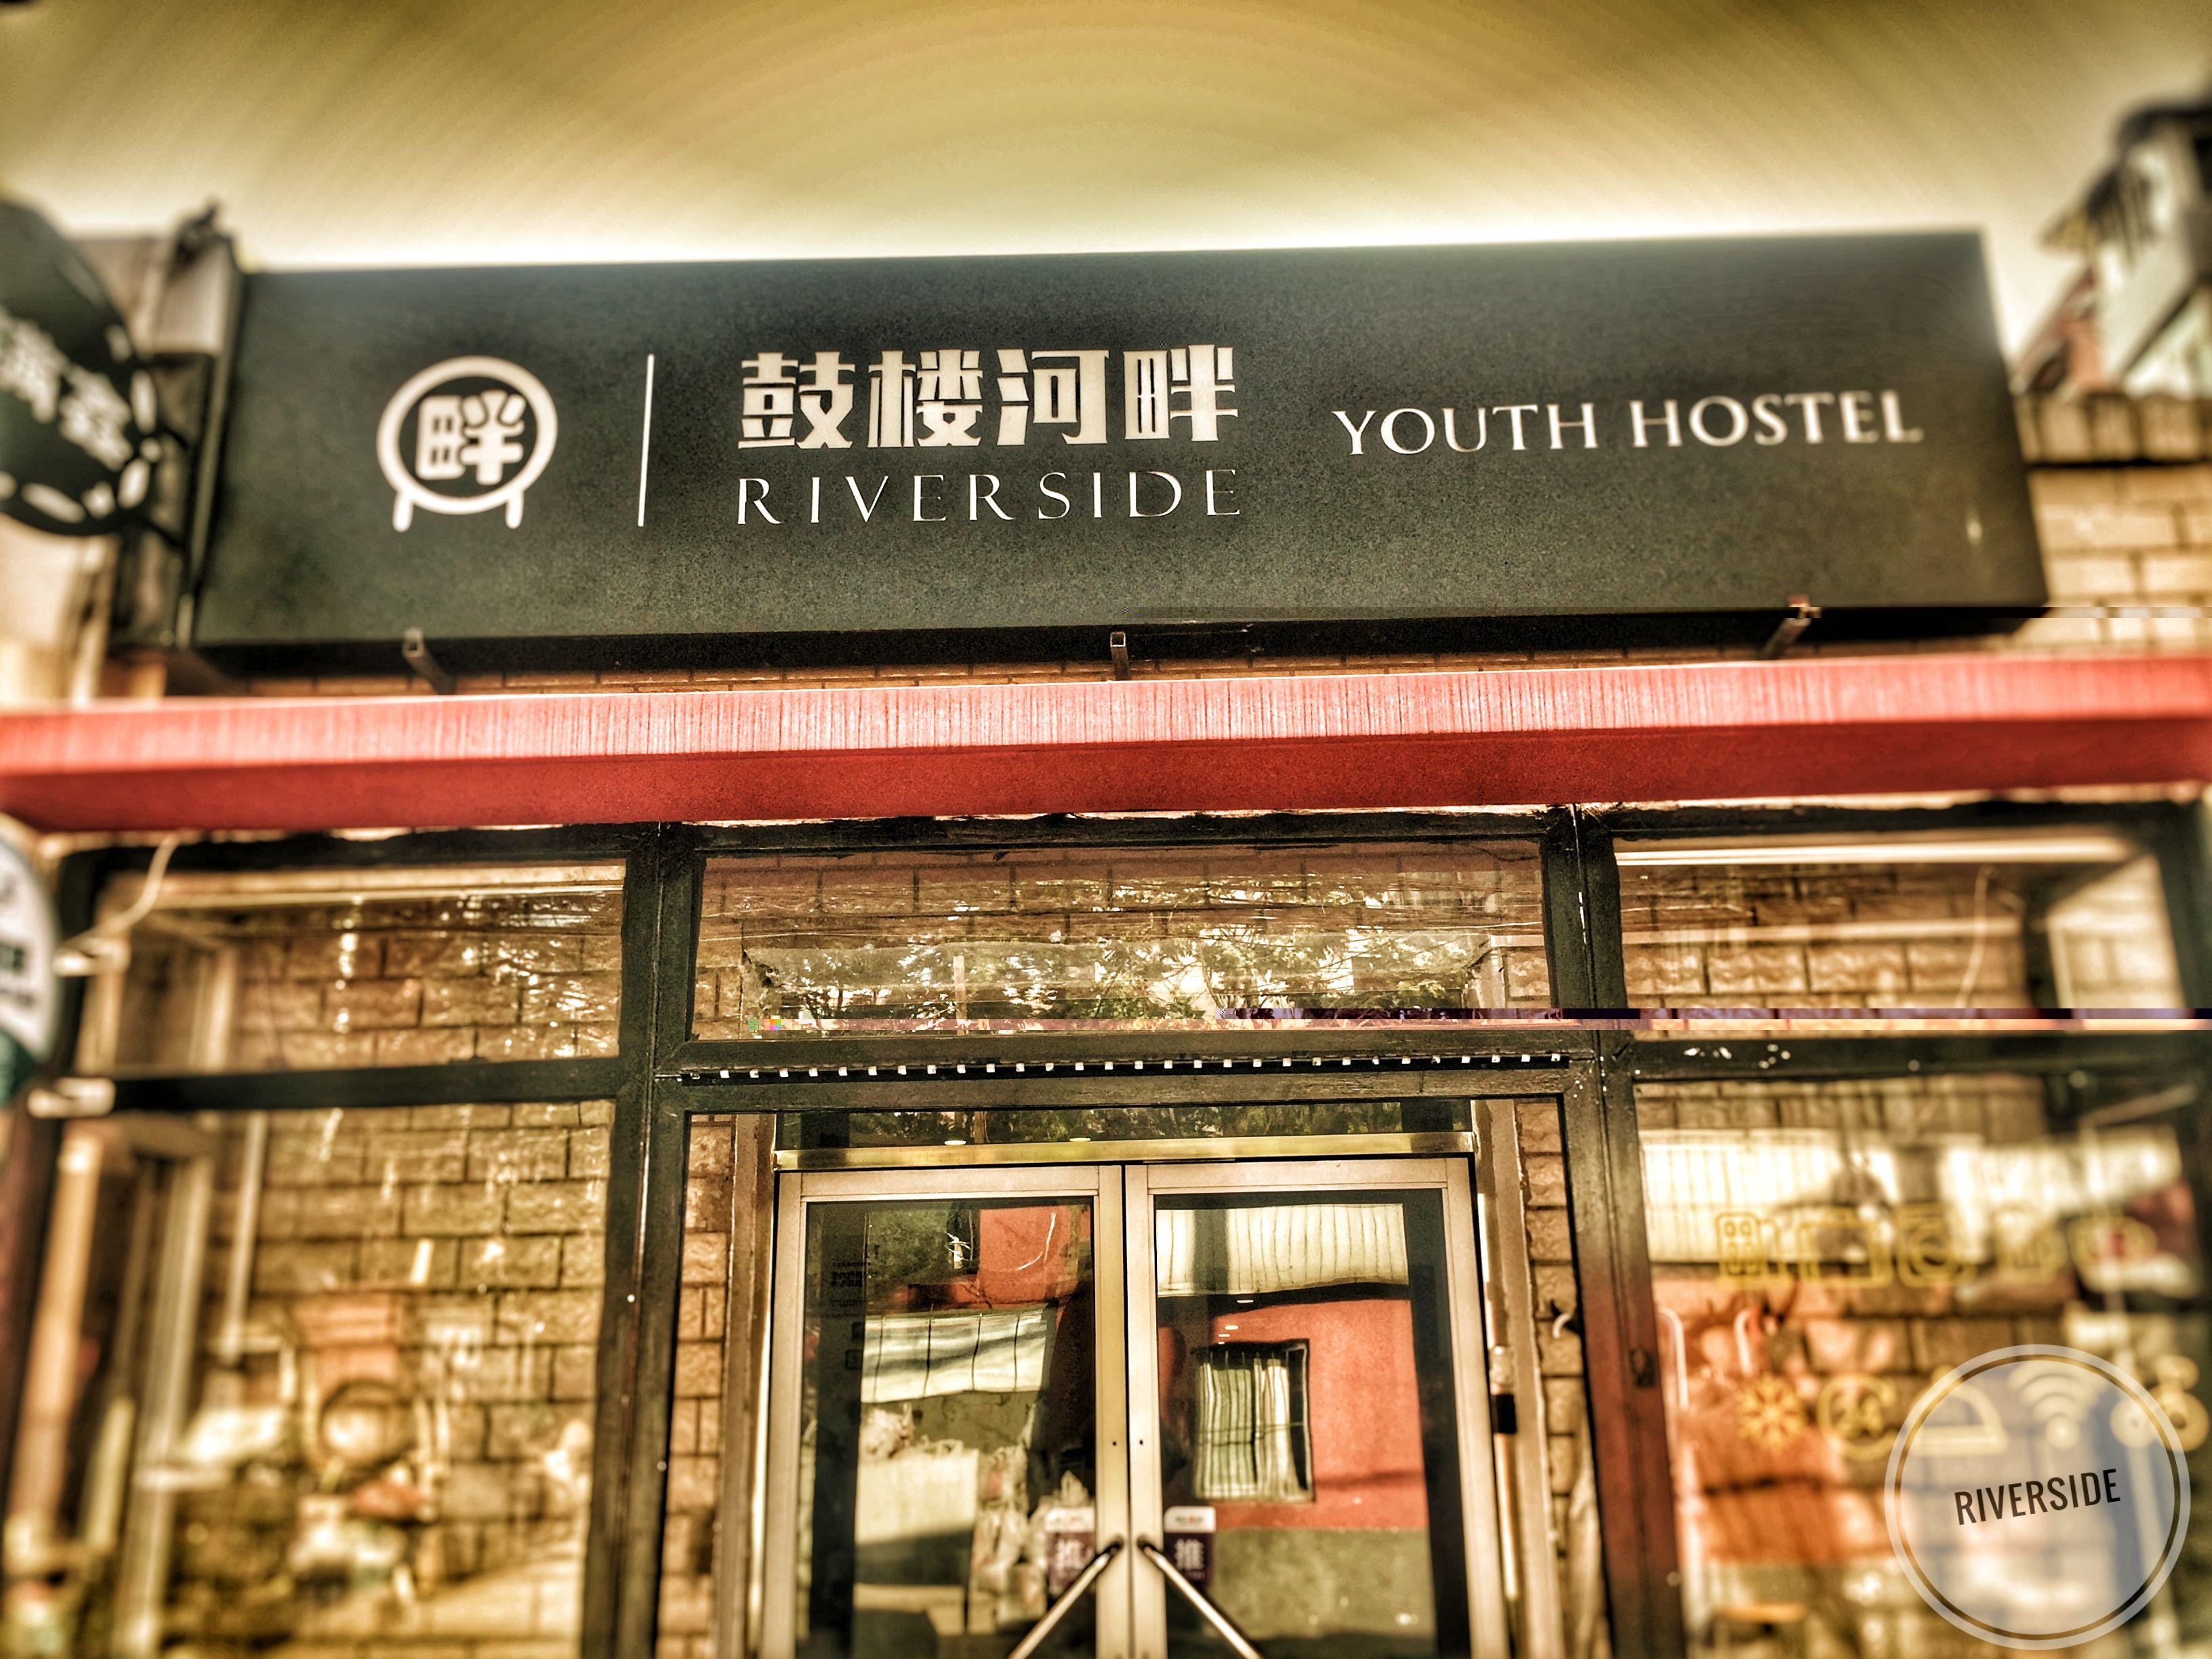 北京鼓楼河畔国际青年旅舍预订/团购